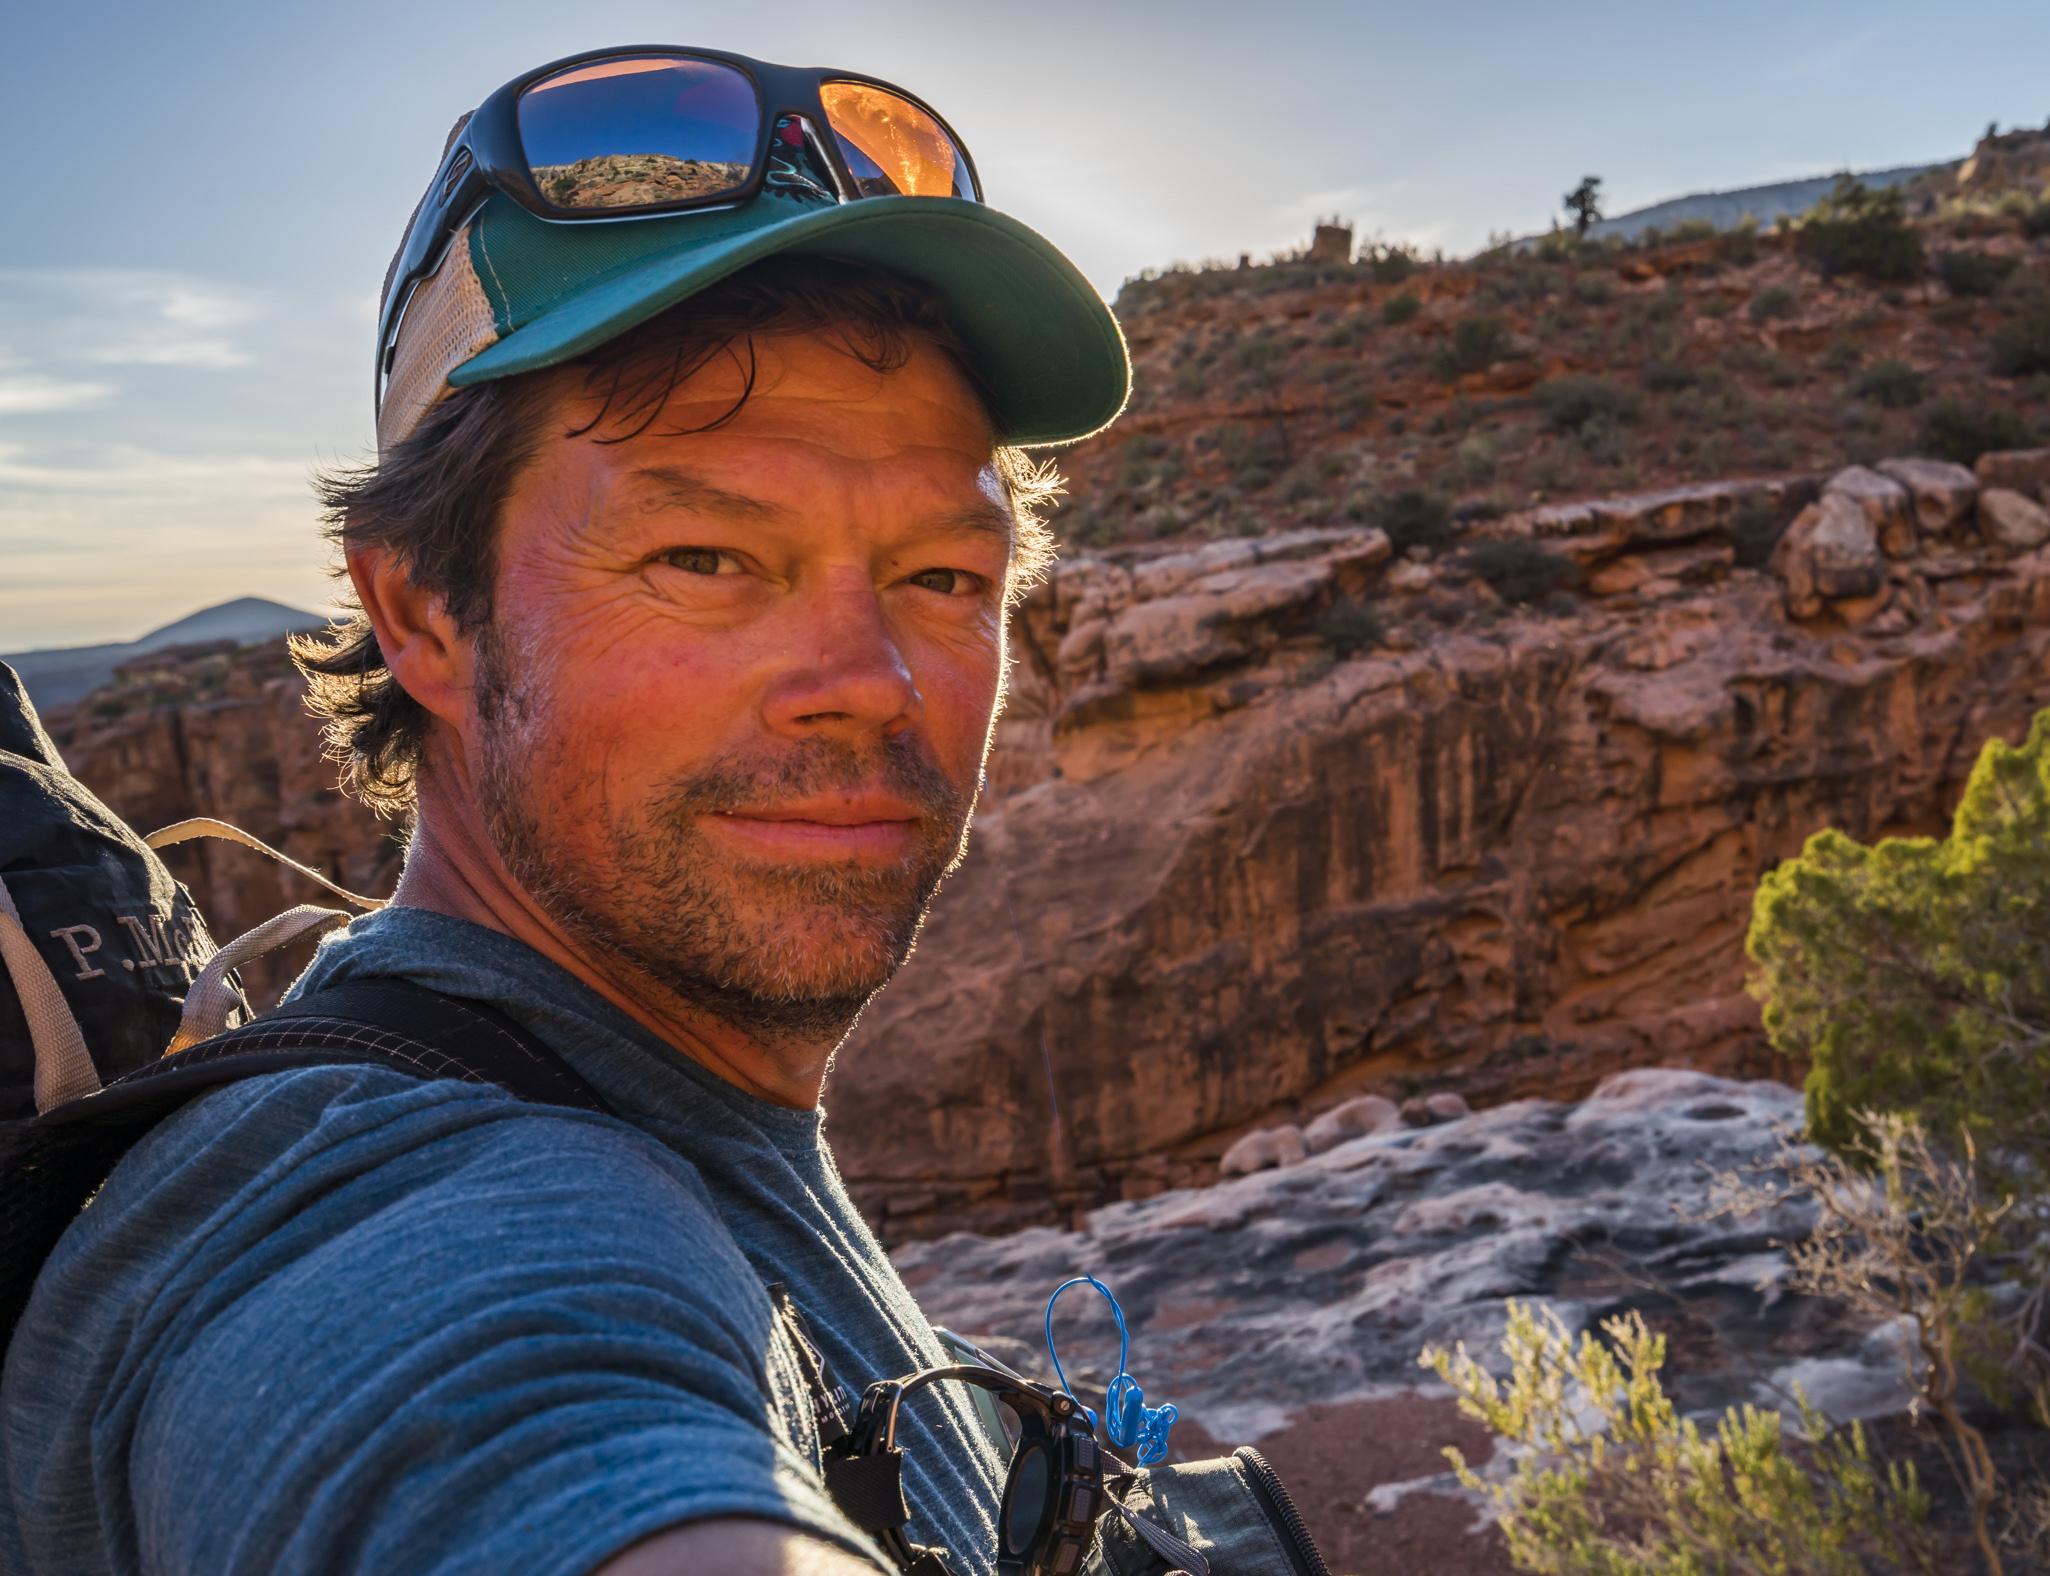 Colorado River Discovery >> McBride, Fedarko wrap up 14-month journey through Grand ...